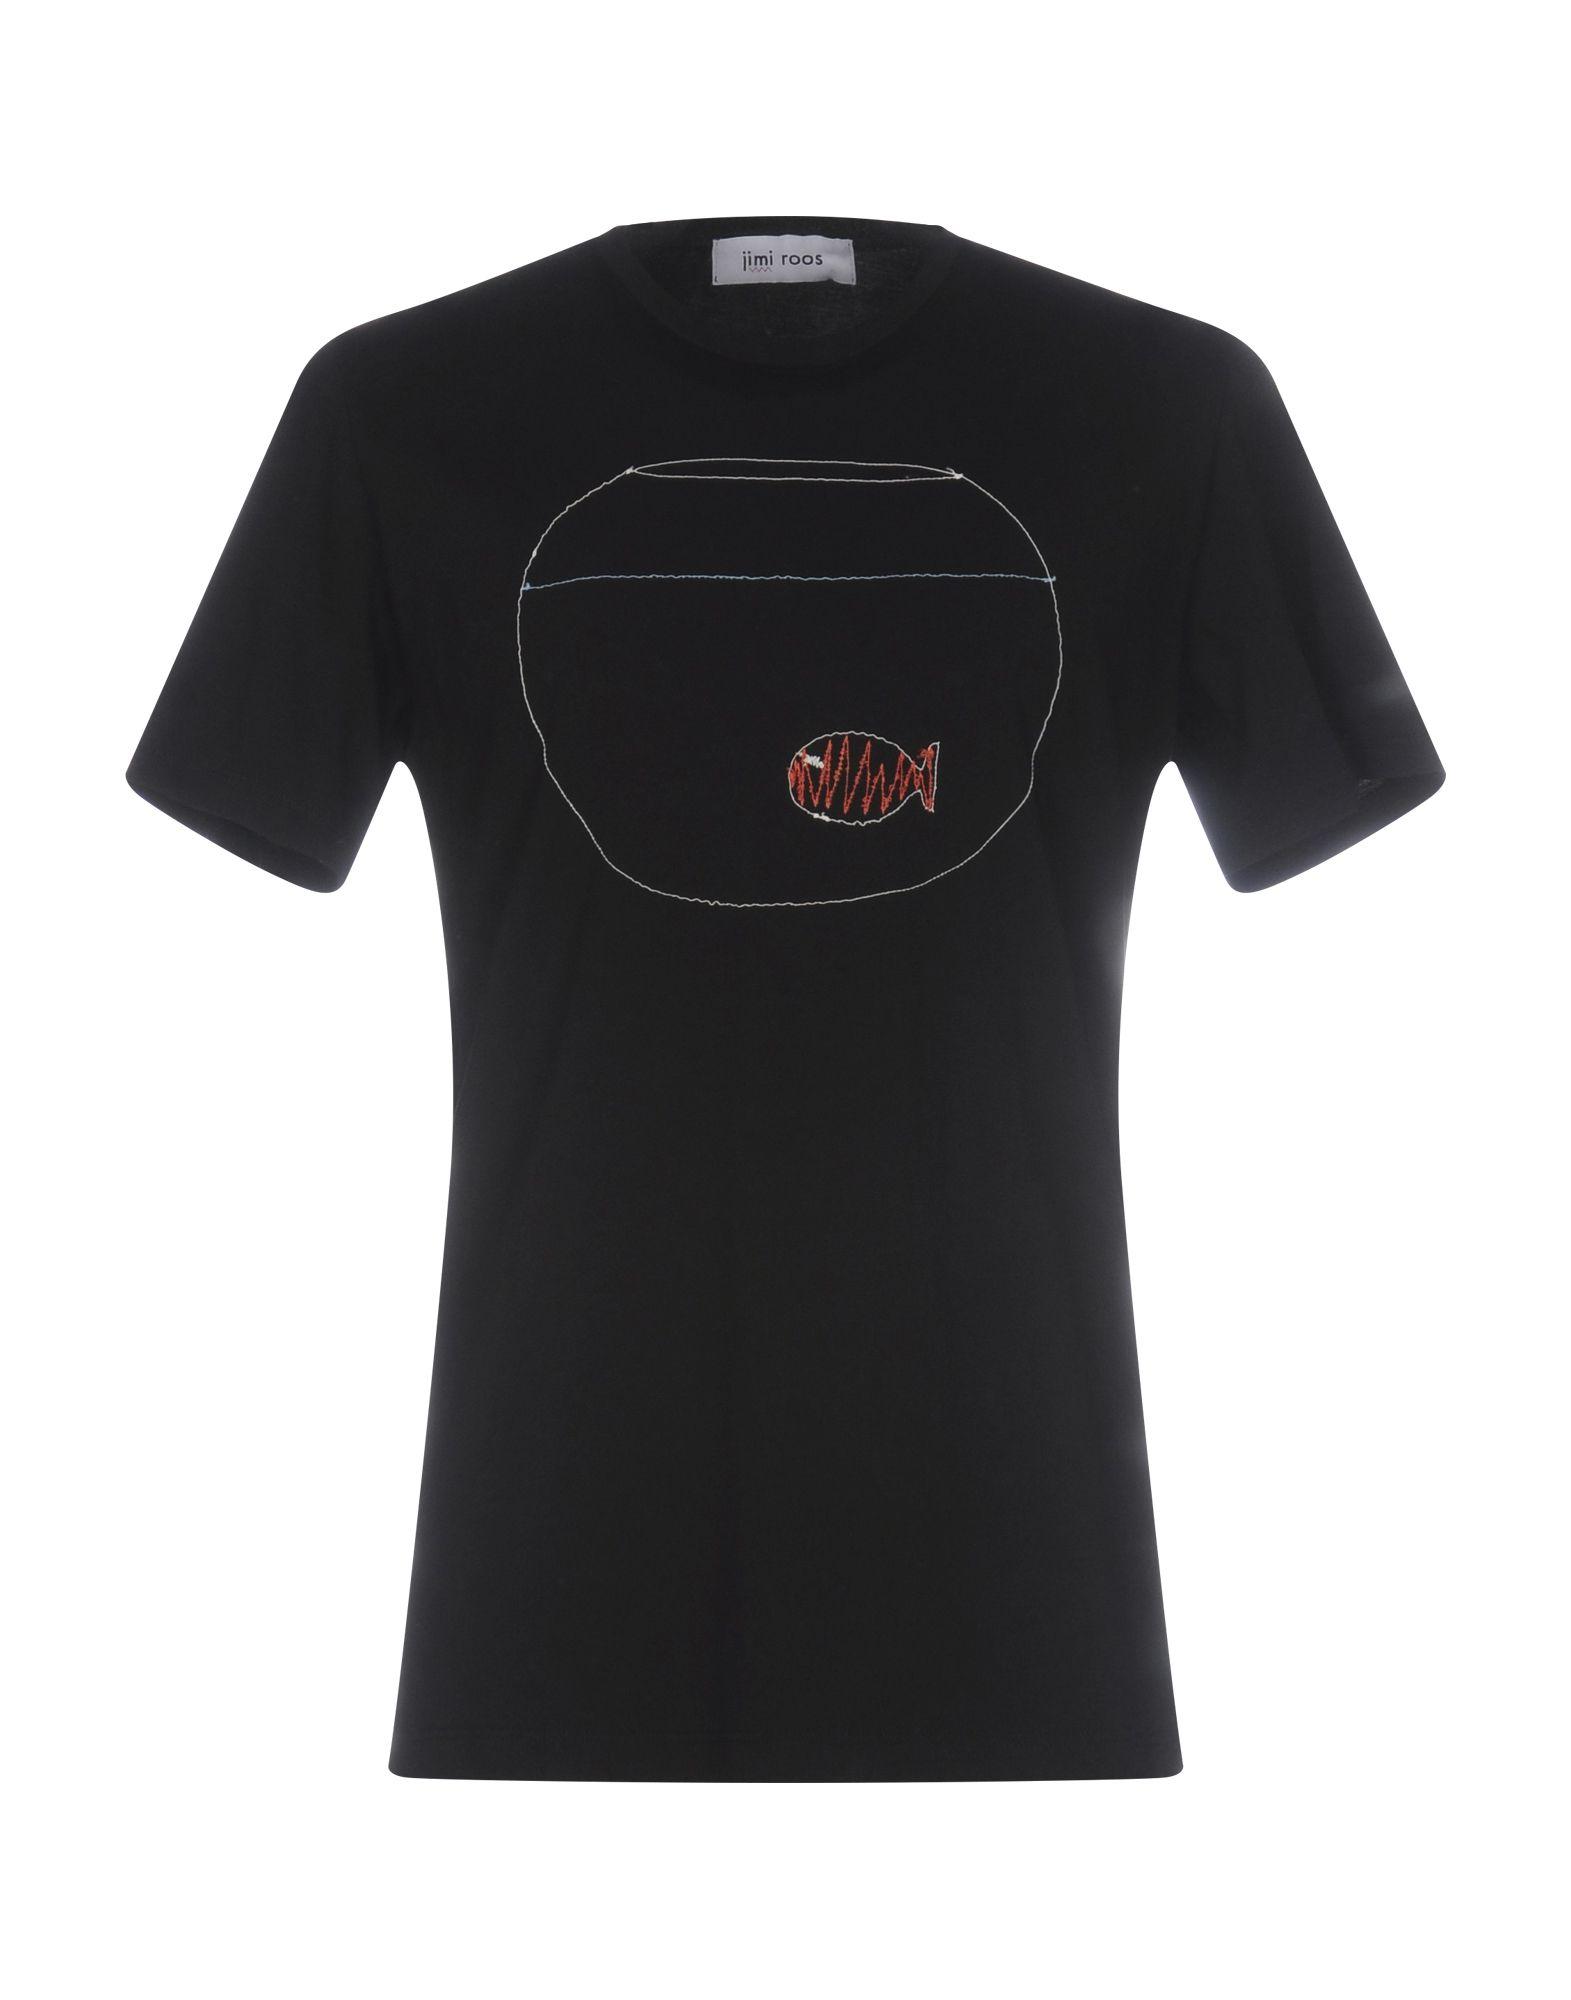 T-Shirt Jimi Jimi Jimi Roos Uomo - 37969995WG bdfcc6